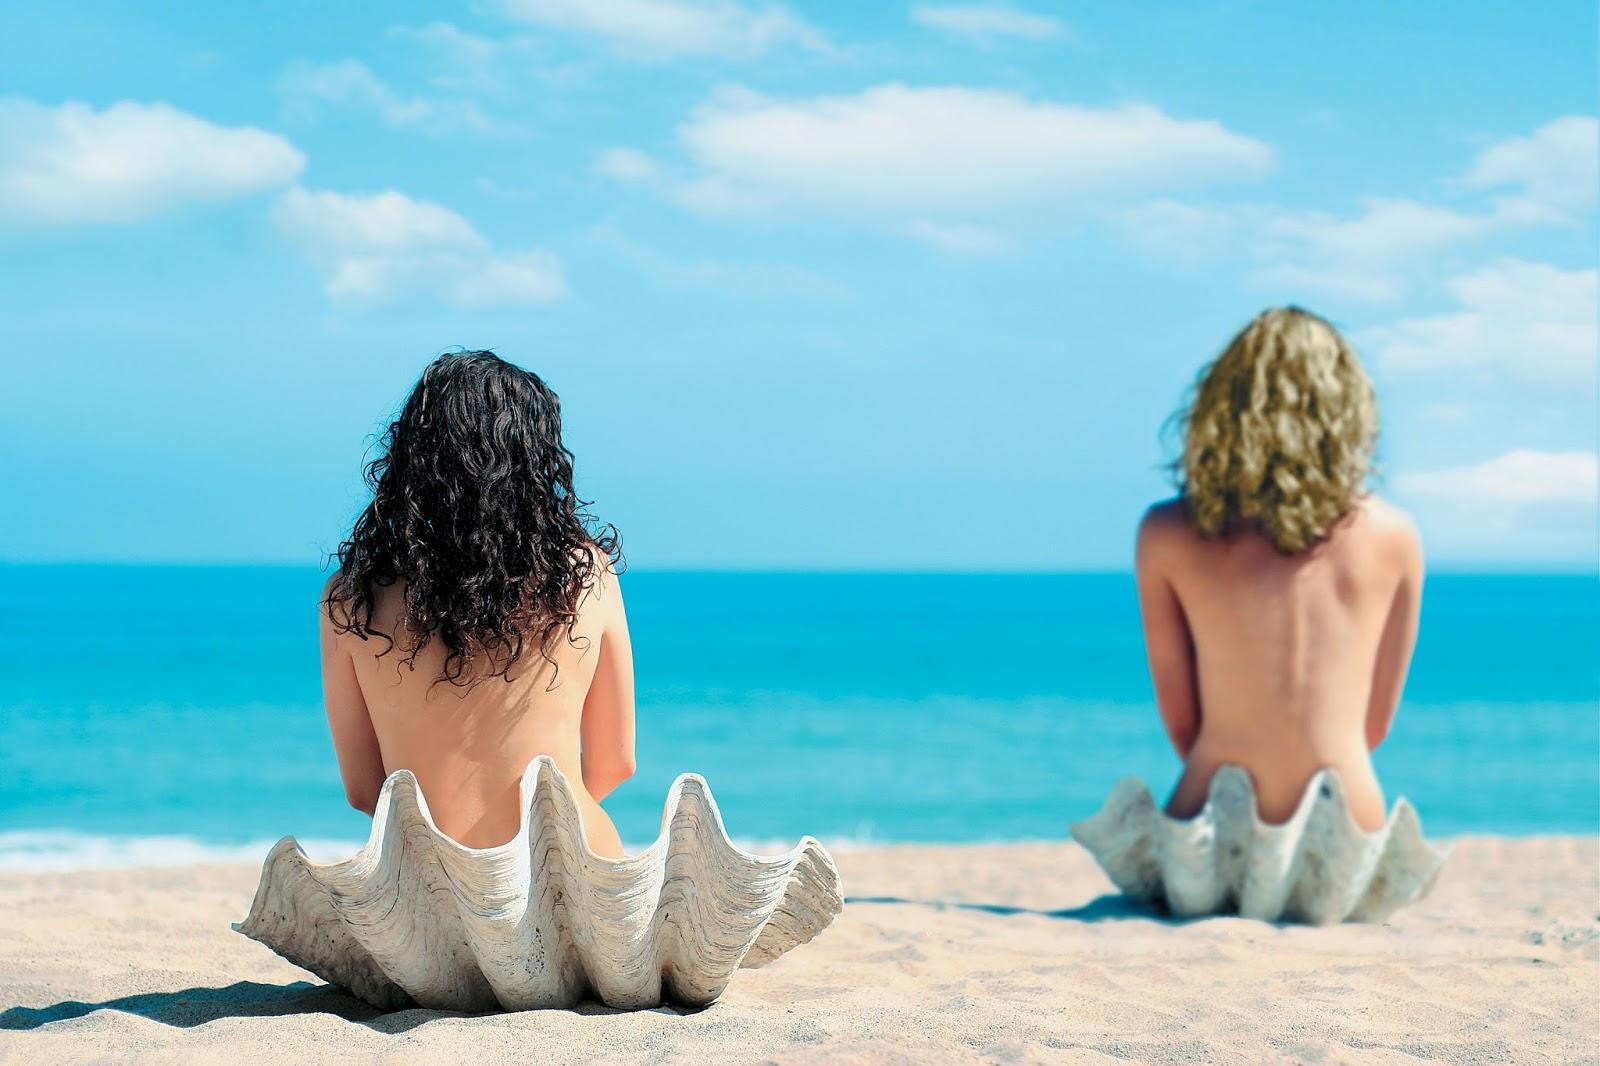 Фото Нудистов На Море Смотреть Бесплатно